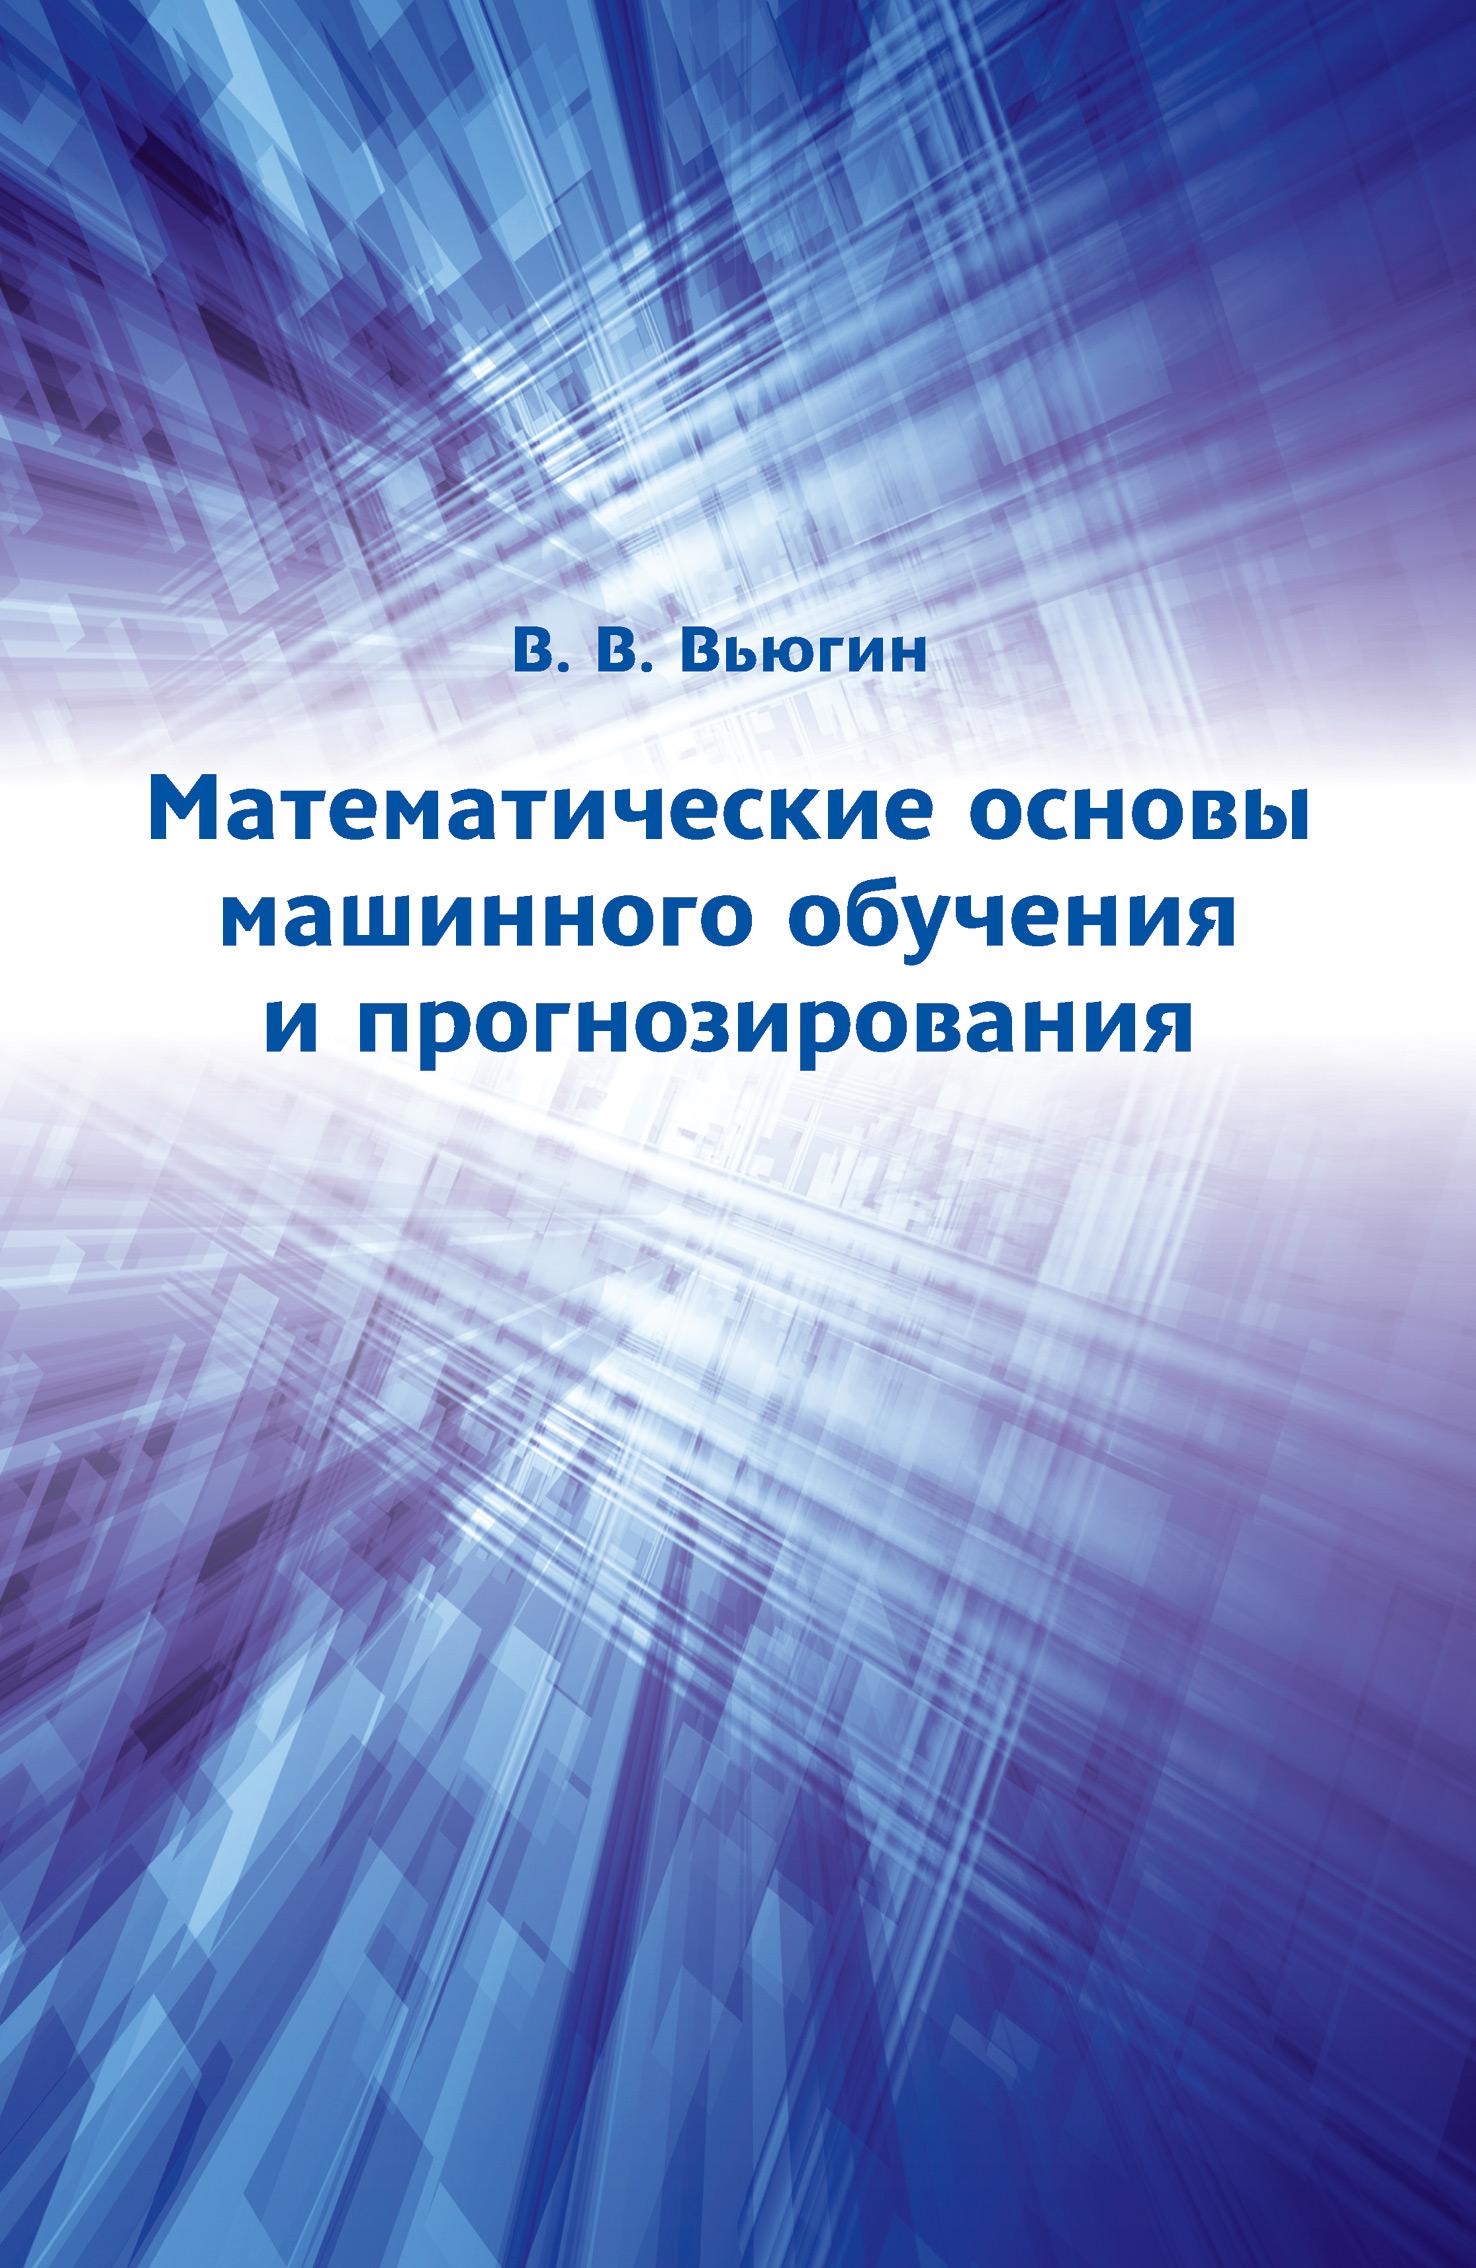 В. В. Вьюгин Математические основы машинного обучения и прогнозирования в в вьюгин математические основы машинного обучения и прогнозирования